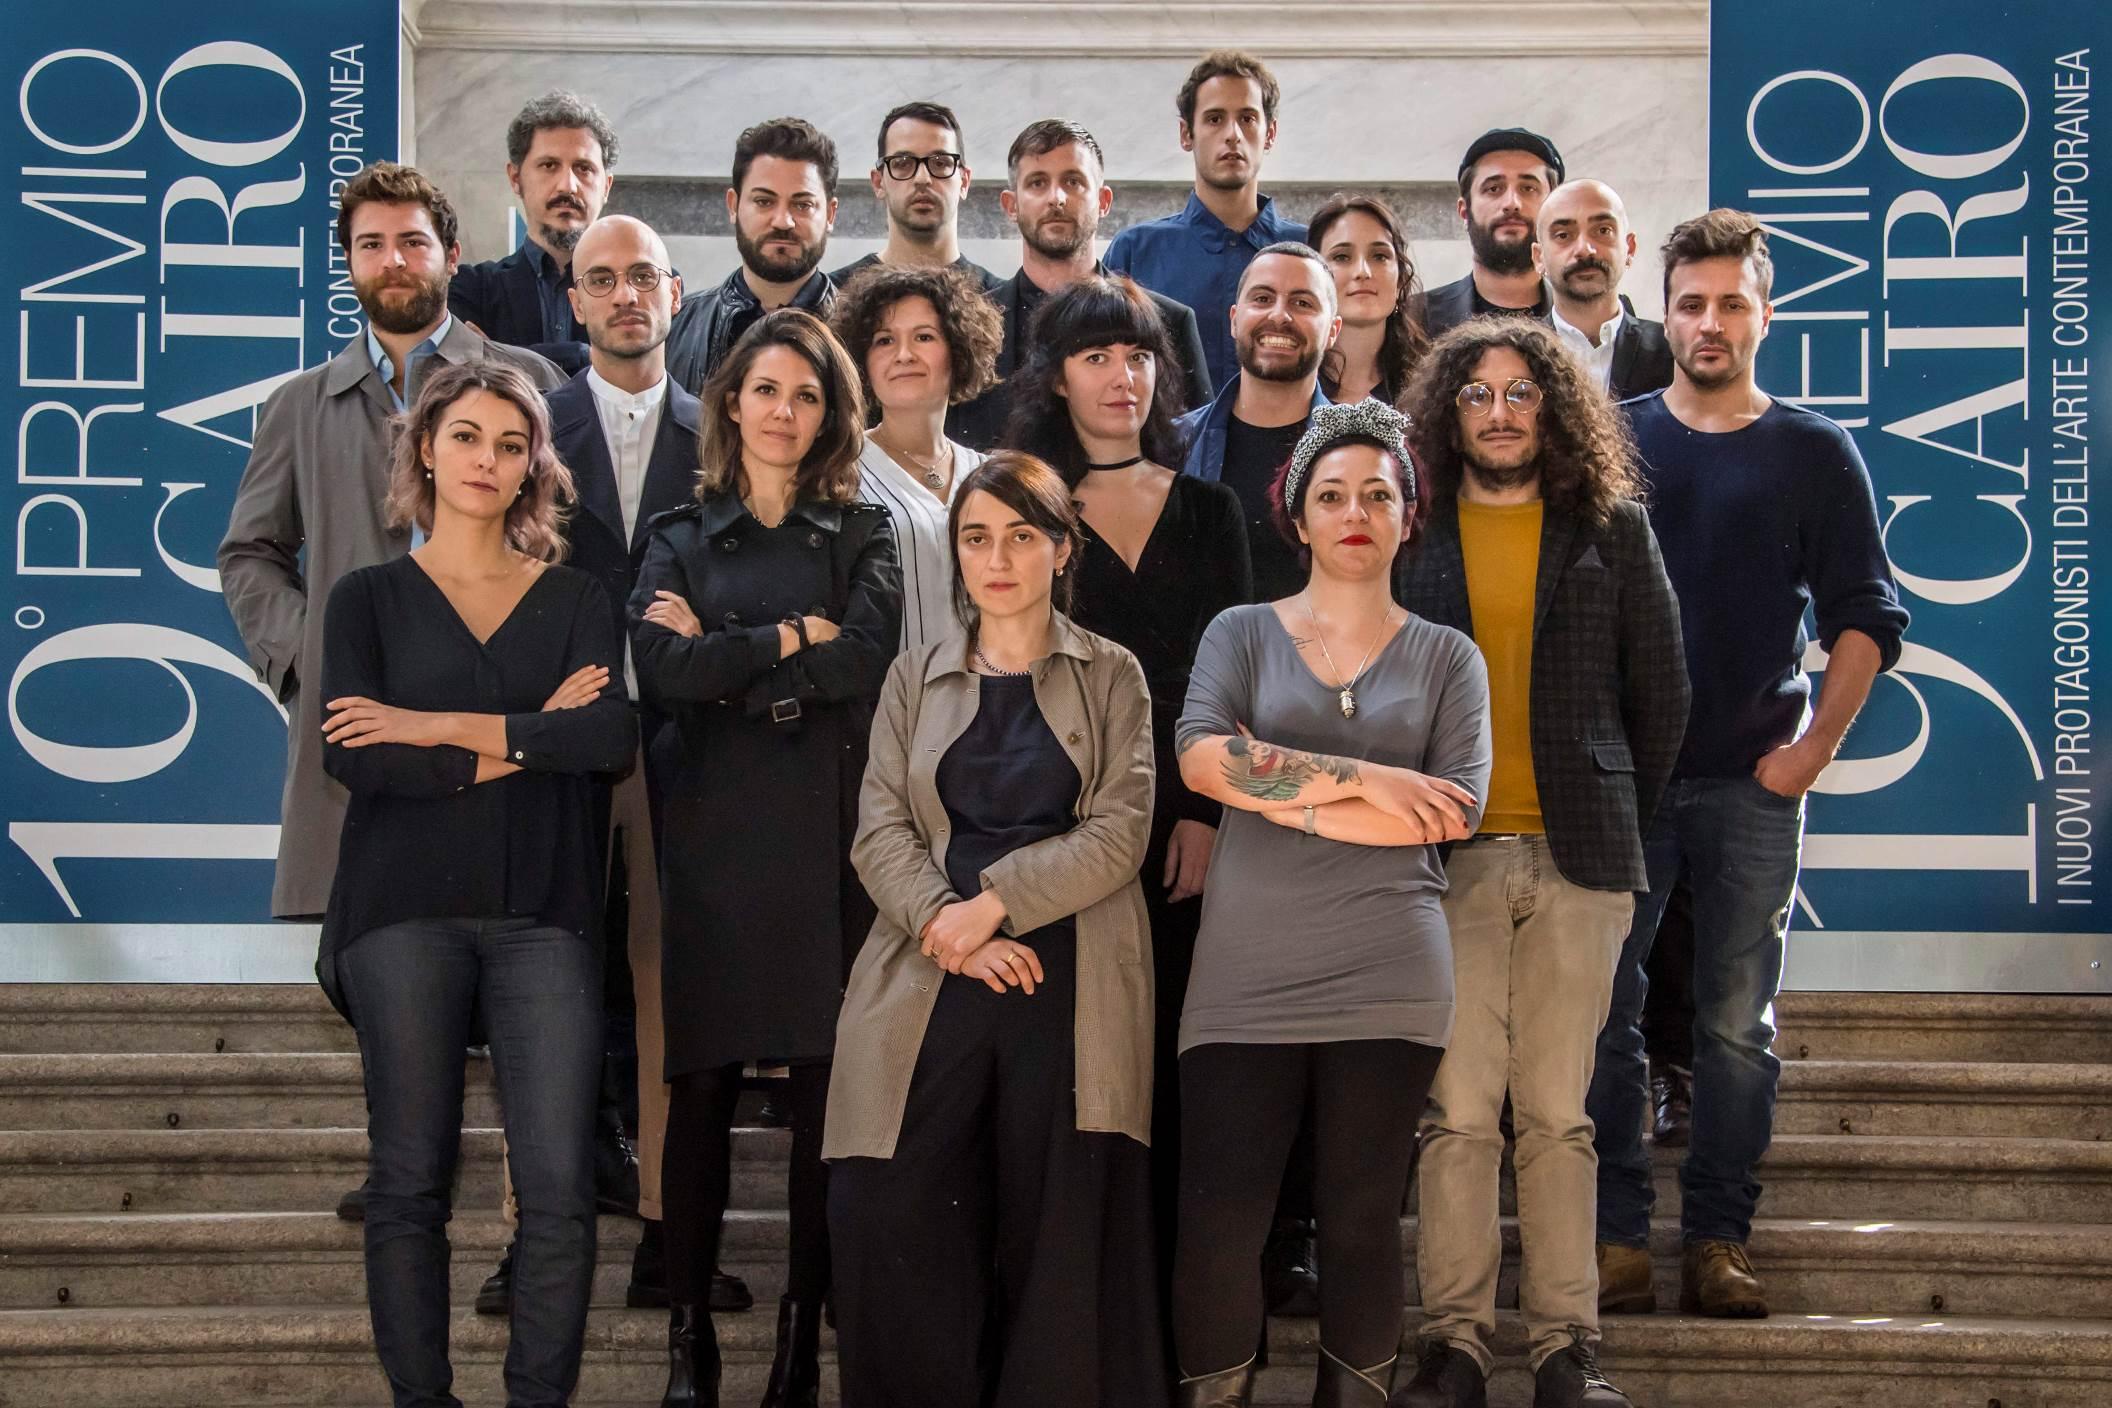 PREMIO CAIRO GRUPPO ARTISTI EDIZIONE 2018